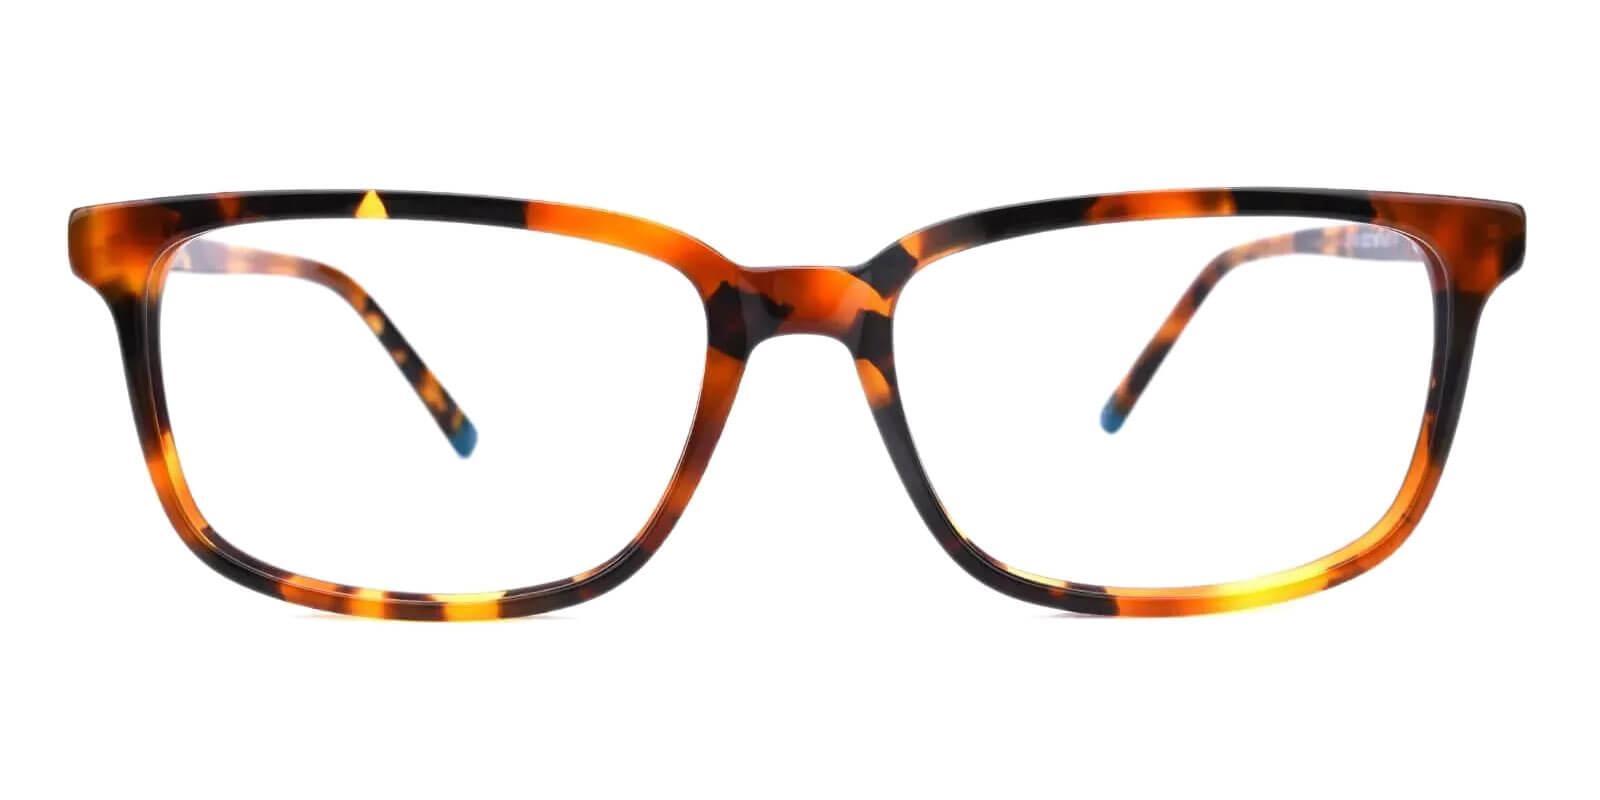 Leupp Corner Tortoise Acetate Eyeglasses , SpringHinges , UniversalBridgeFit Frames from ABBE Glasses